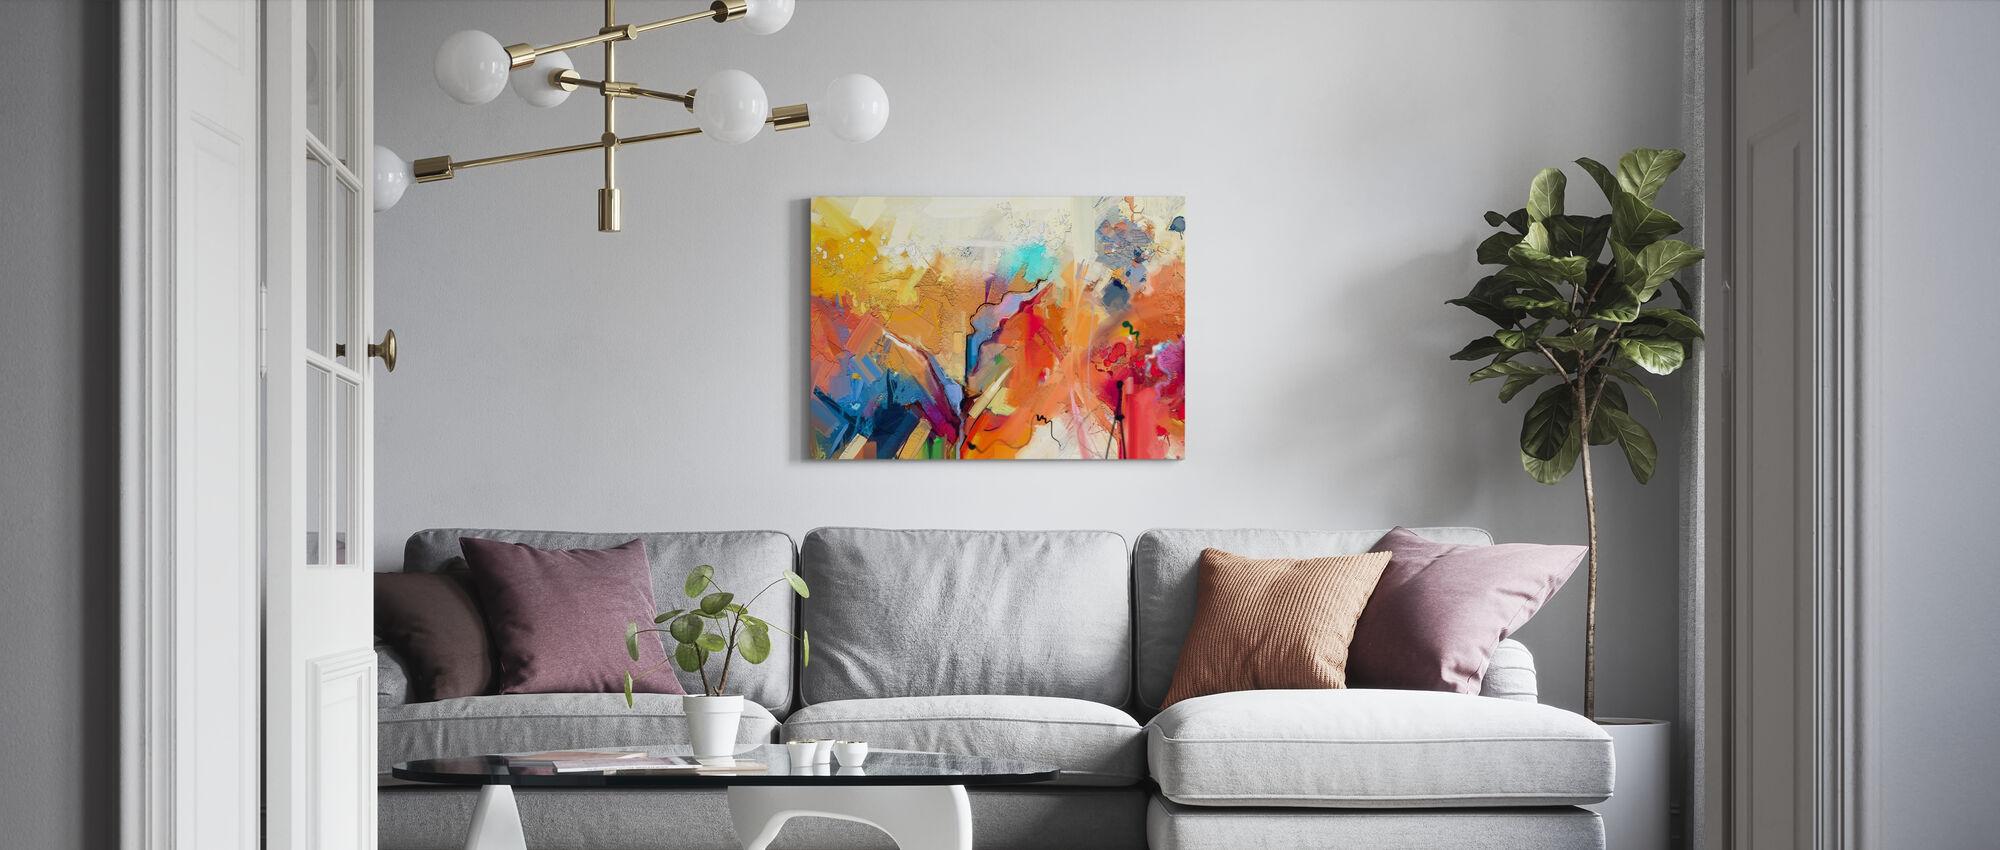 Kolorowe abstrakcyjne malarstwo - Obraz na płótnie - Pokój dzienny